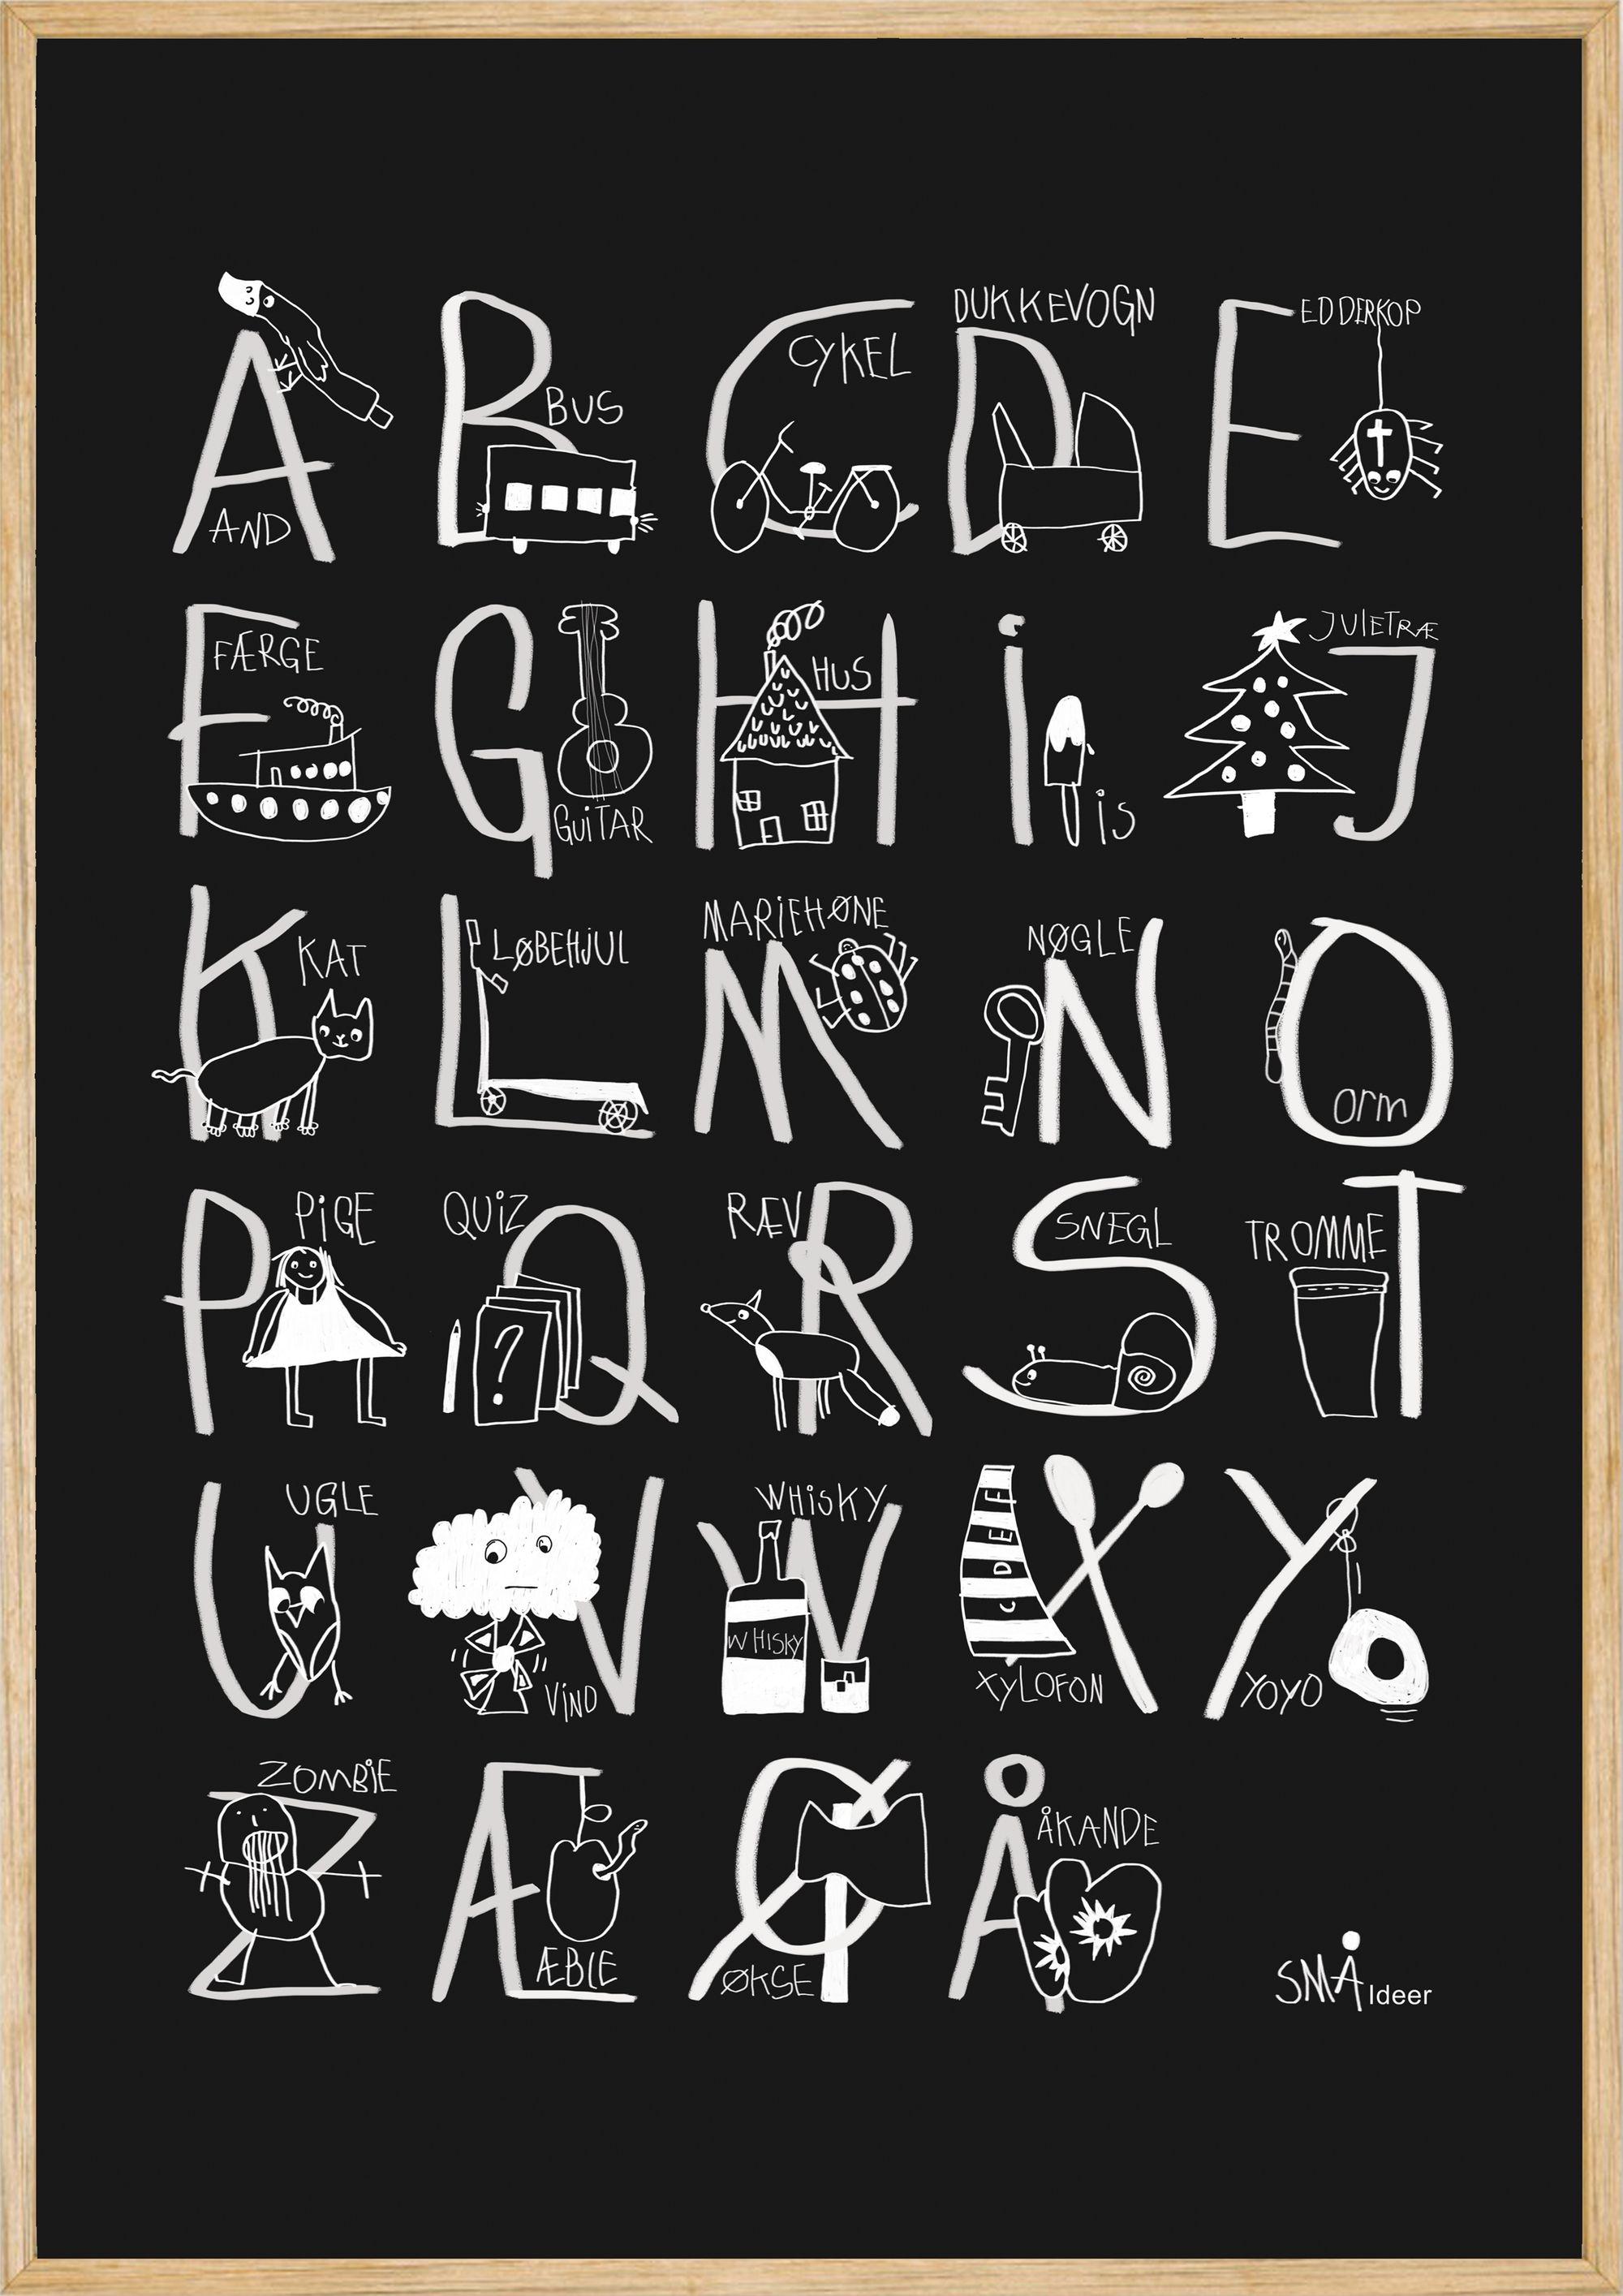 Små ideer - A-B-C plakat str A2 (420 x 594 mm)